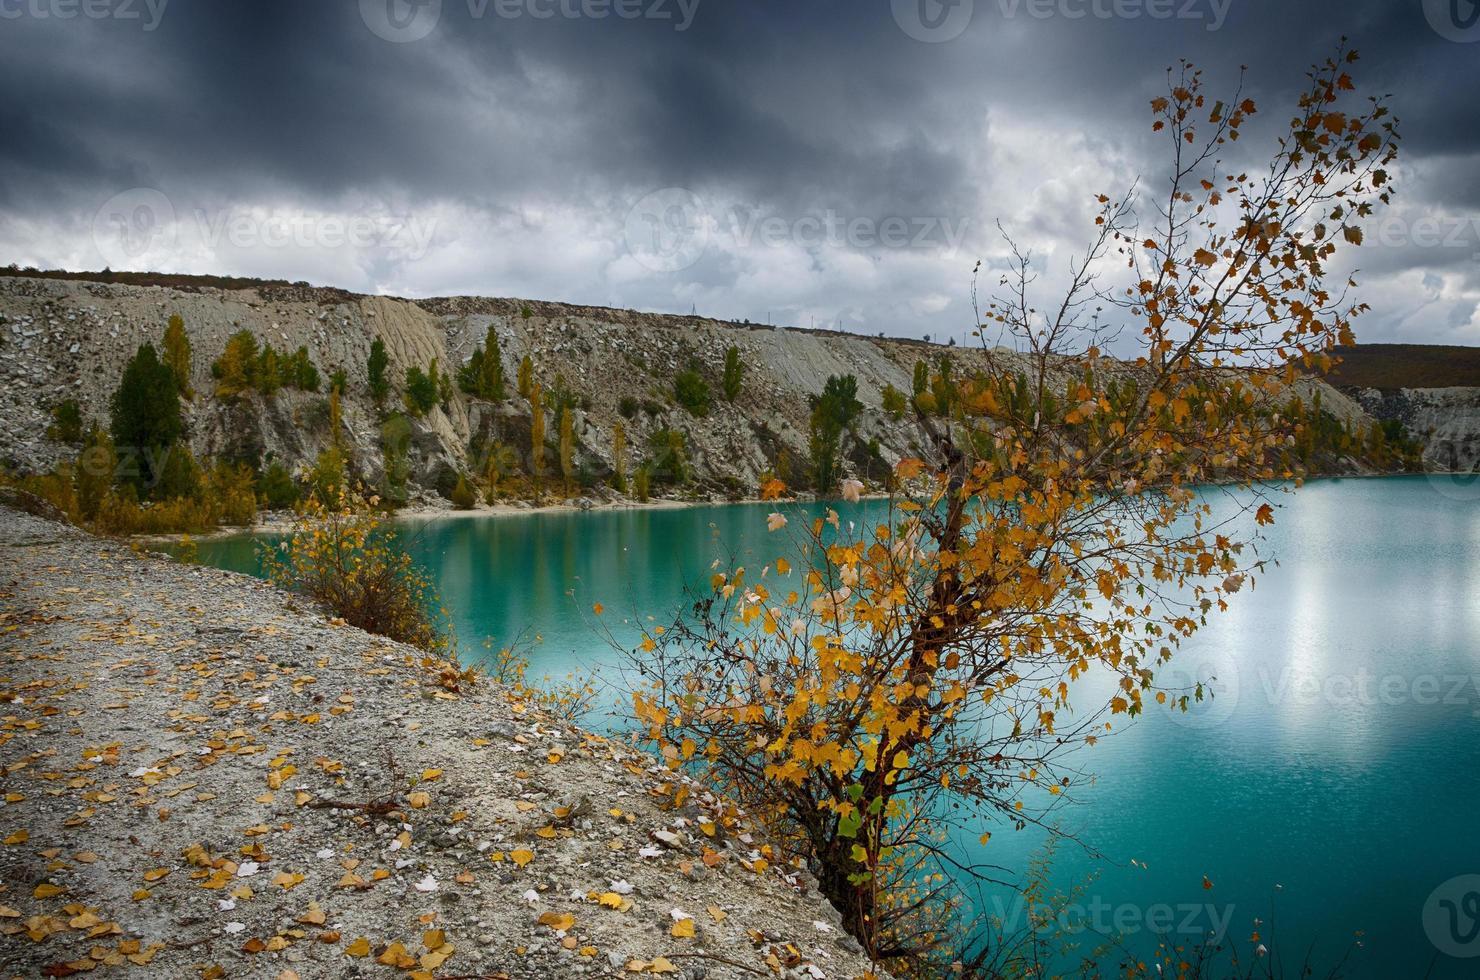 lago turchese con alberi che crescono sui pendii foto